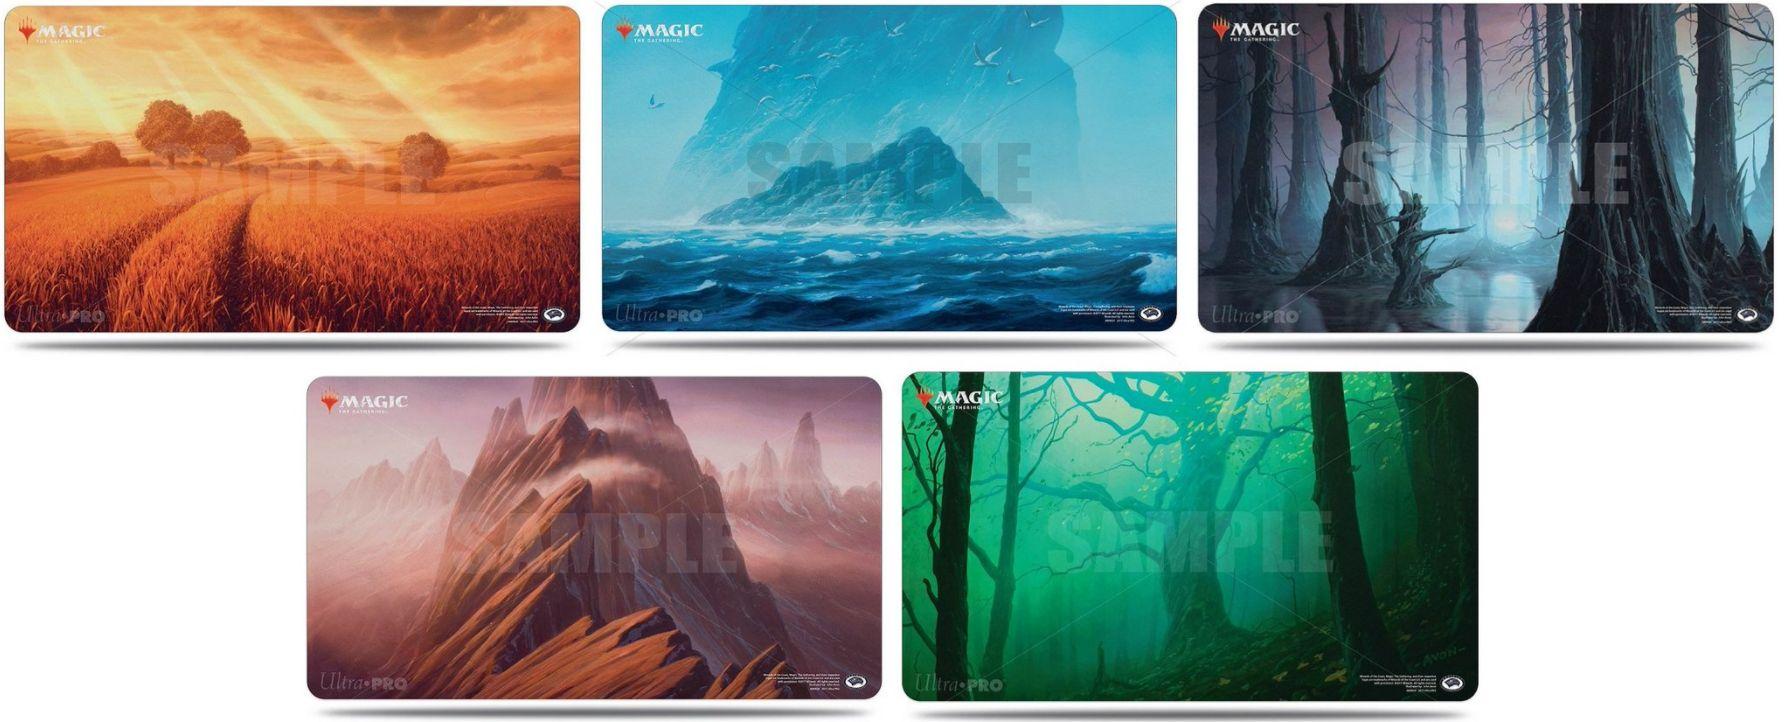 アンステイブル「基本土地プレイマット」がMINTで予約解禁!美麗フルアート土地のイラストがプレイマットに!